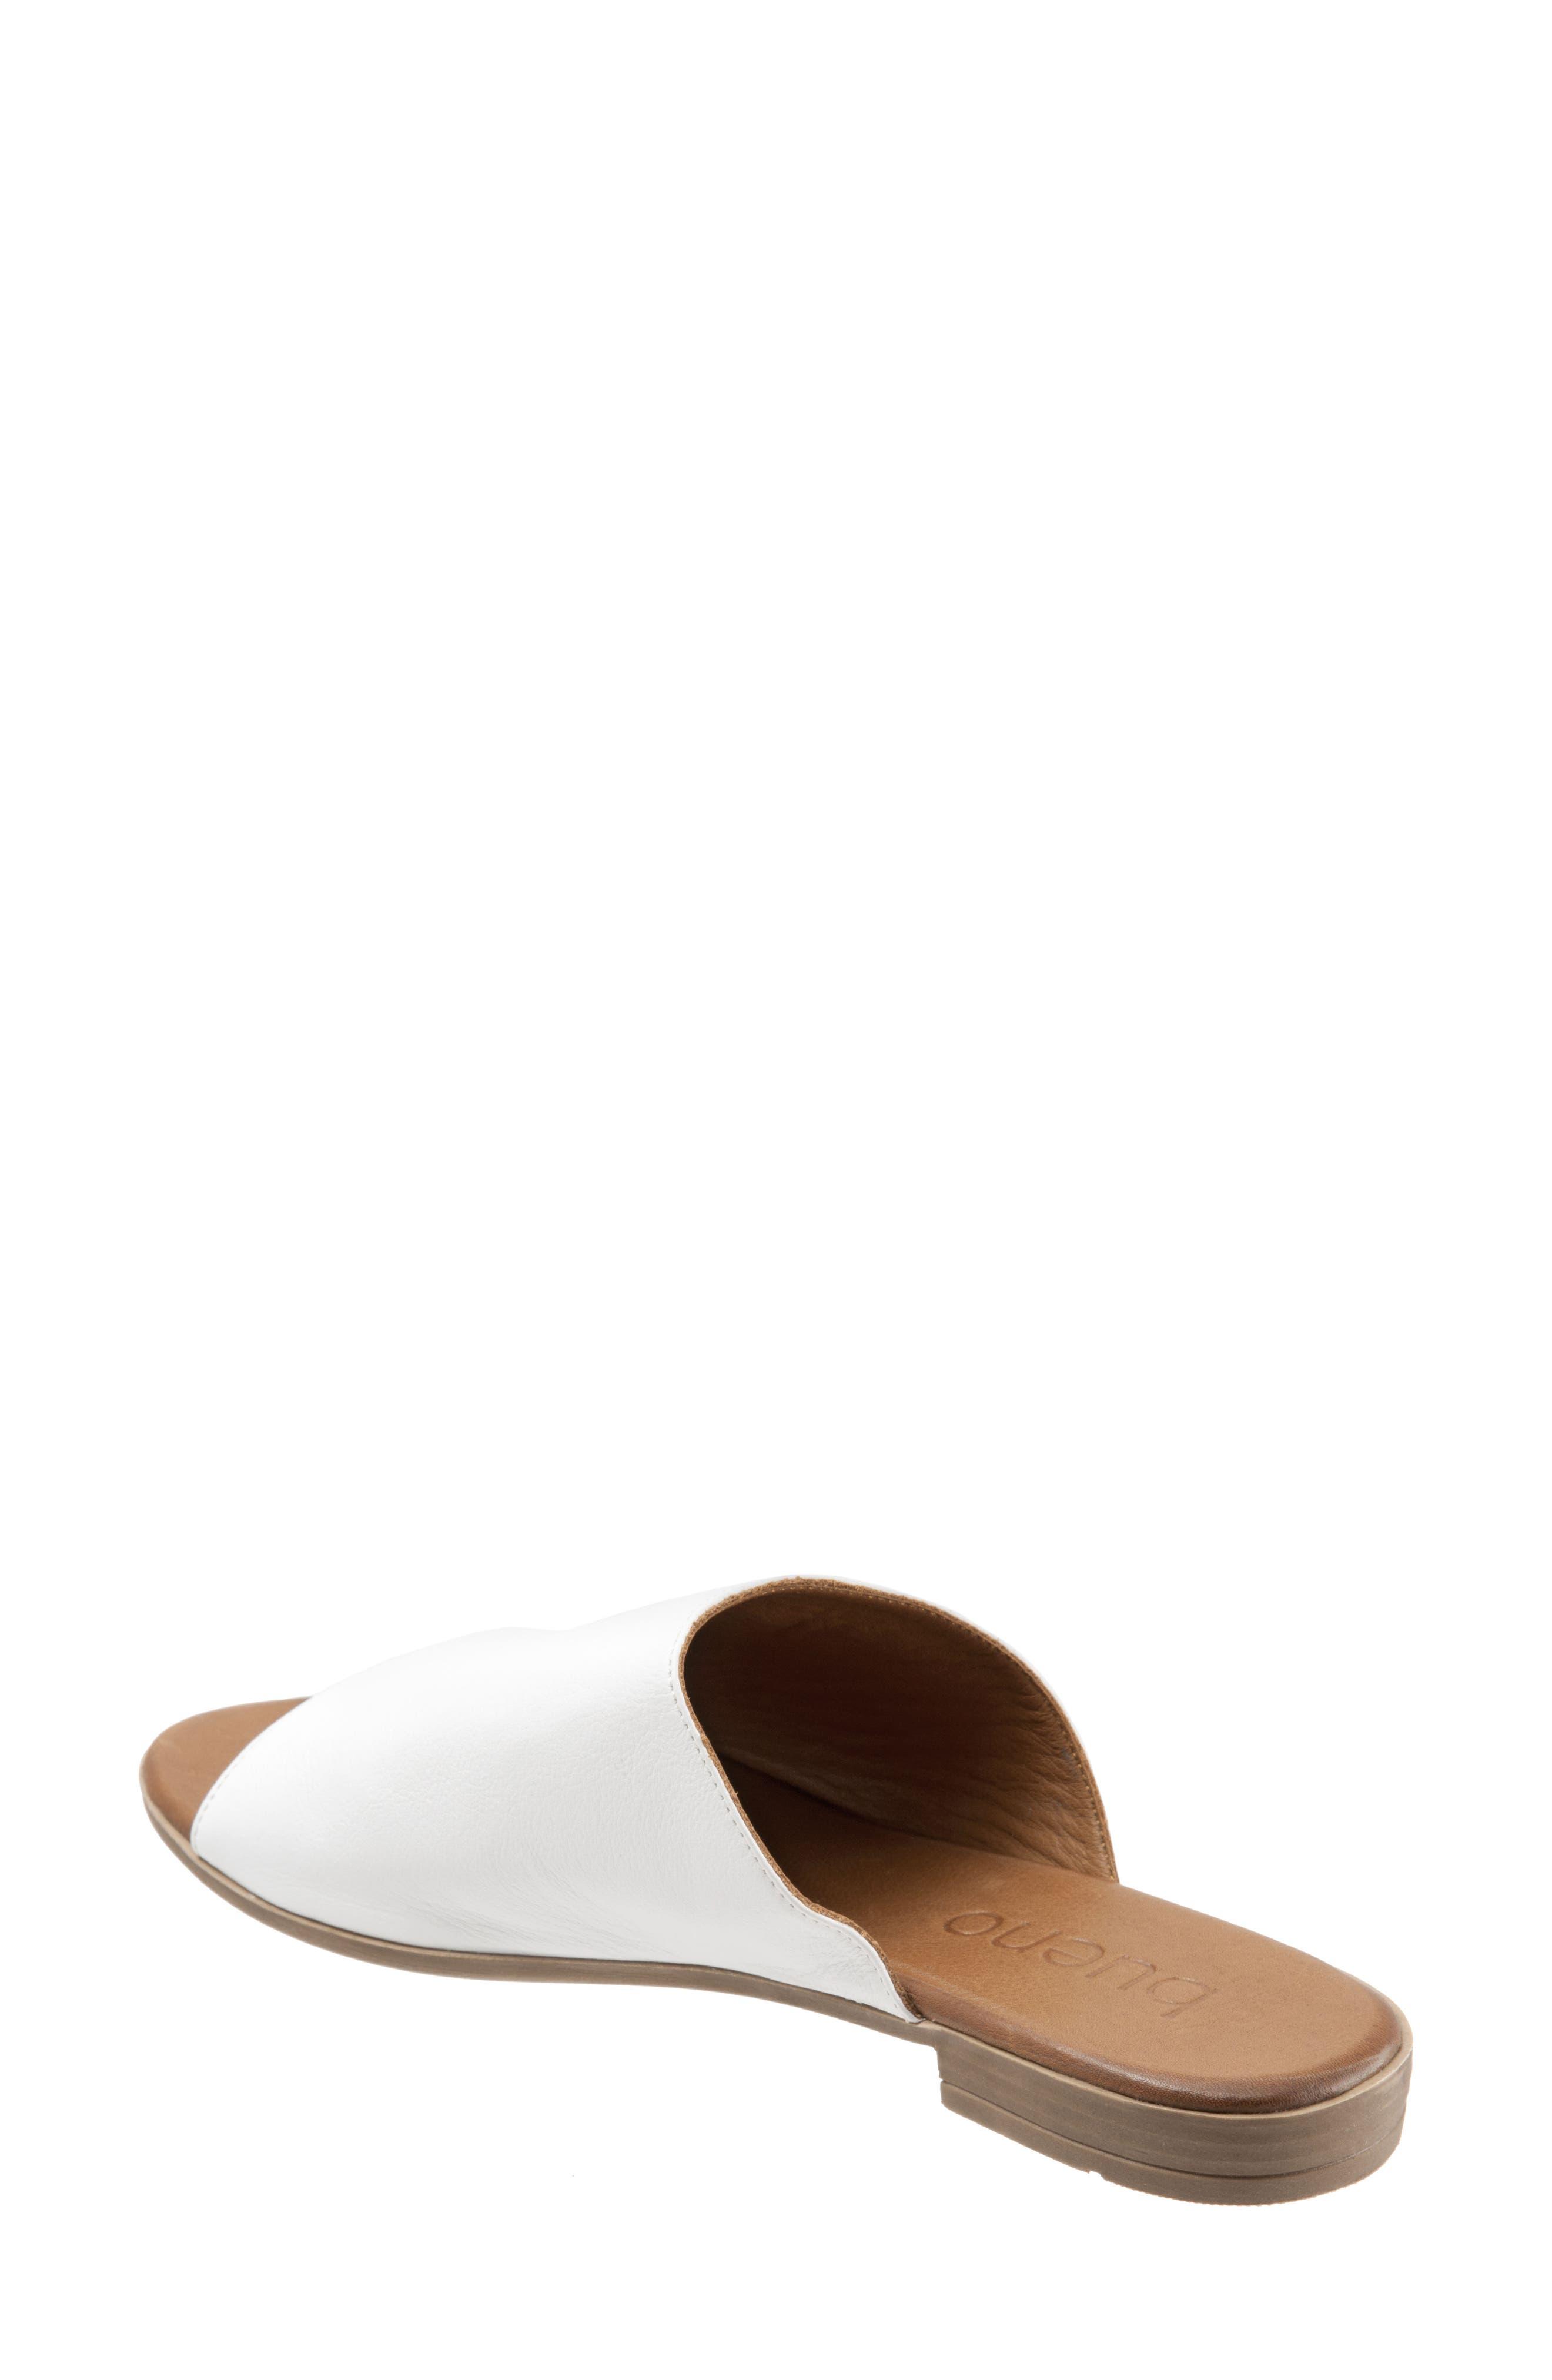 Jory Slide Sandal,                             Alternate thumbnail 2, color,                             White Leather